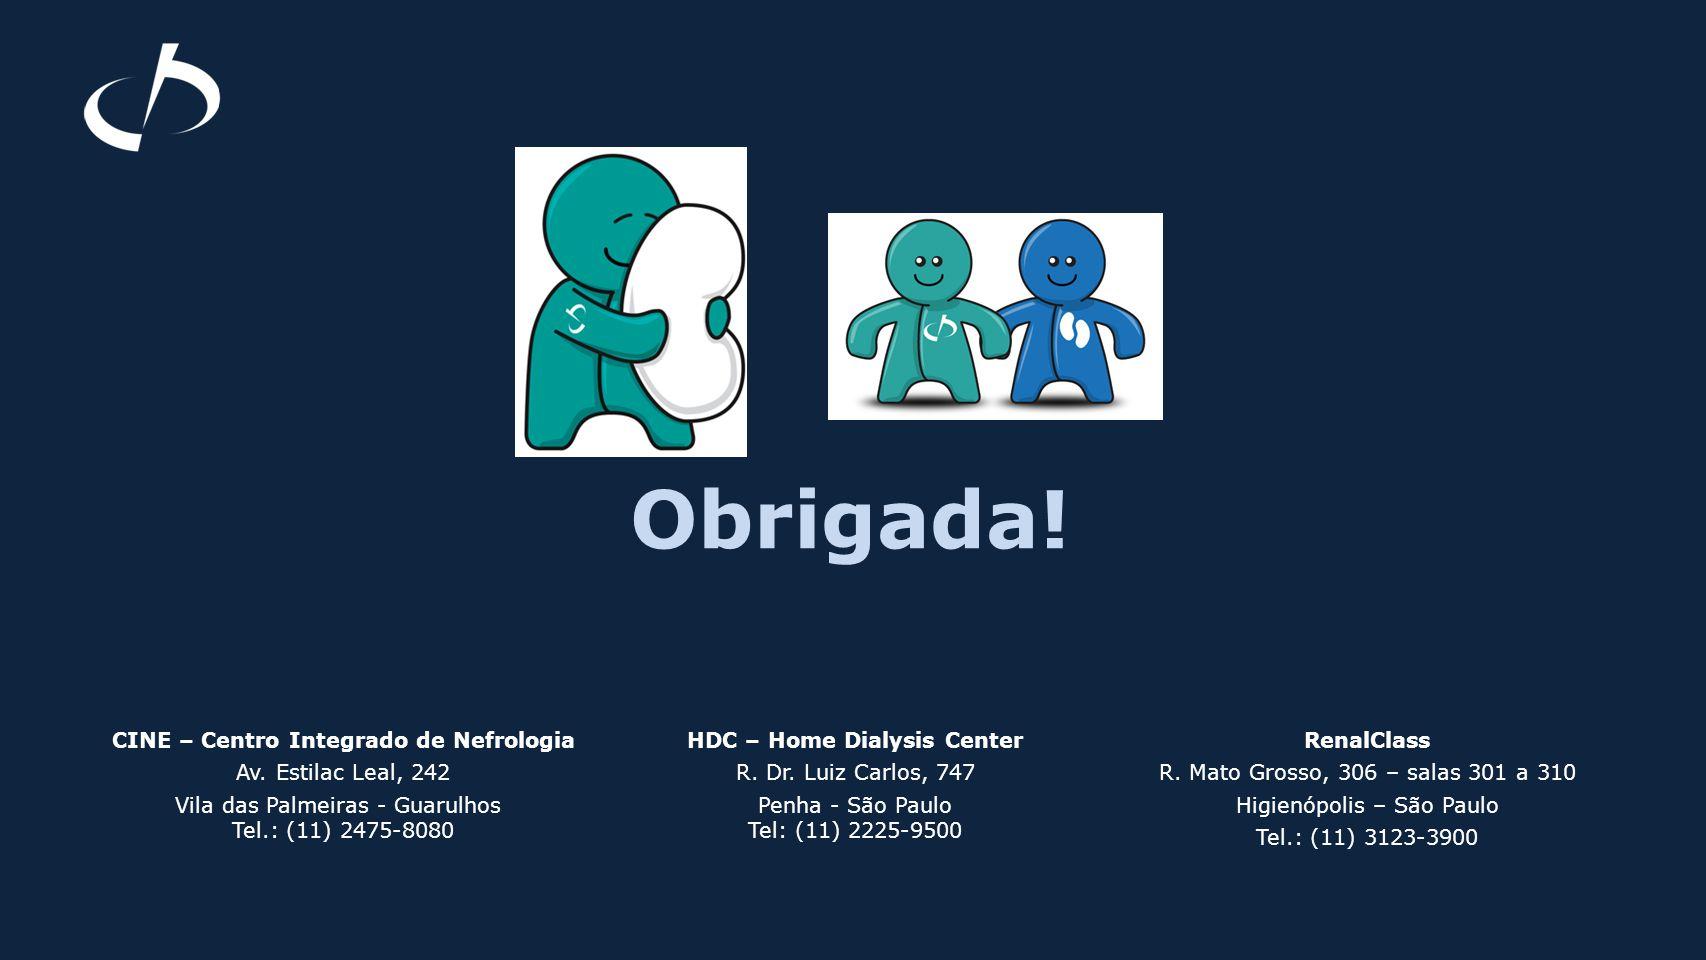 CINE – Centro Integrado de Nefrologia HDC – Home Dialysis Center